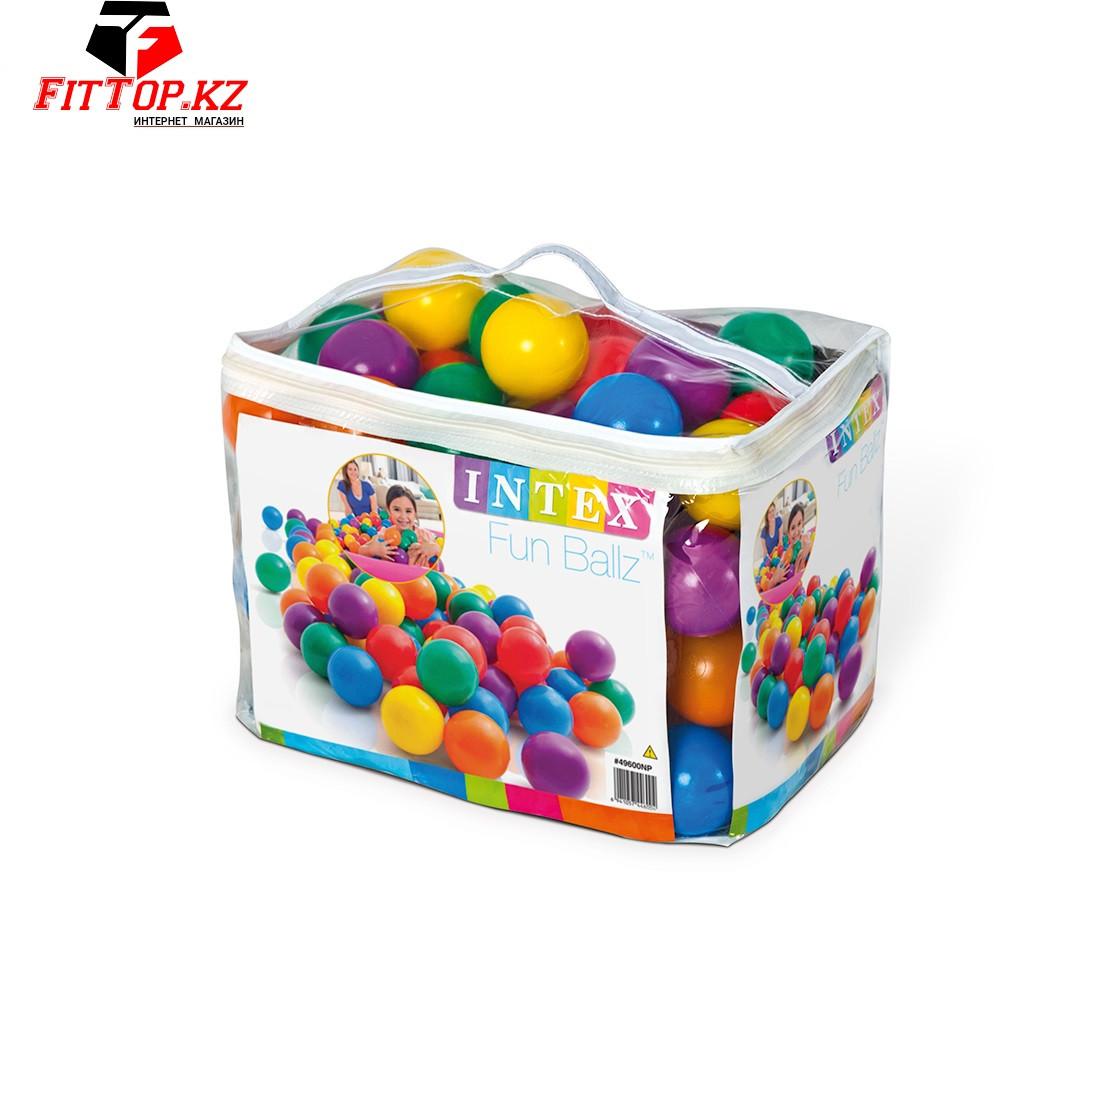 Шарики для бассейнов Fun Ballz 80мм,100 шариков в комплекте